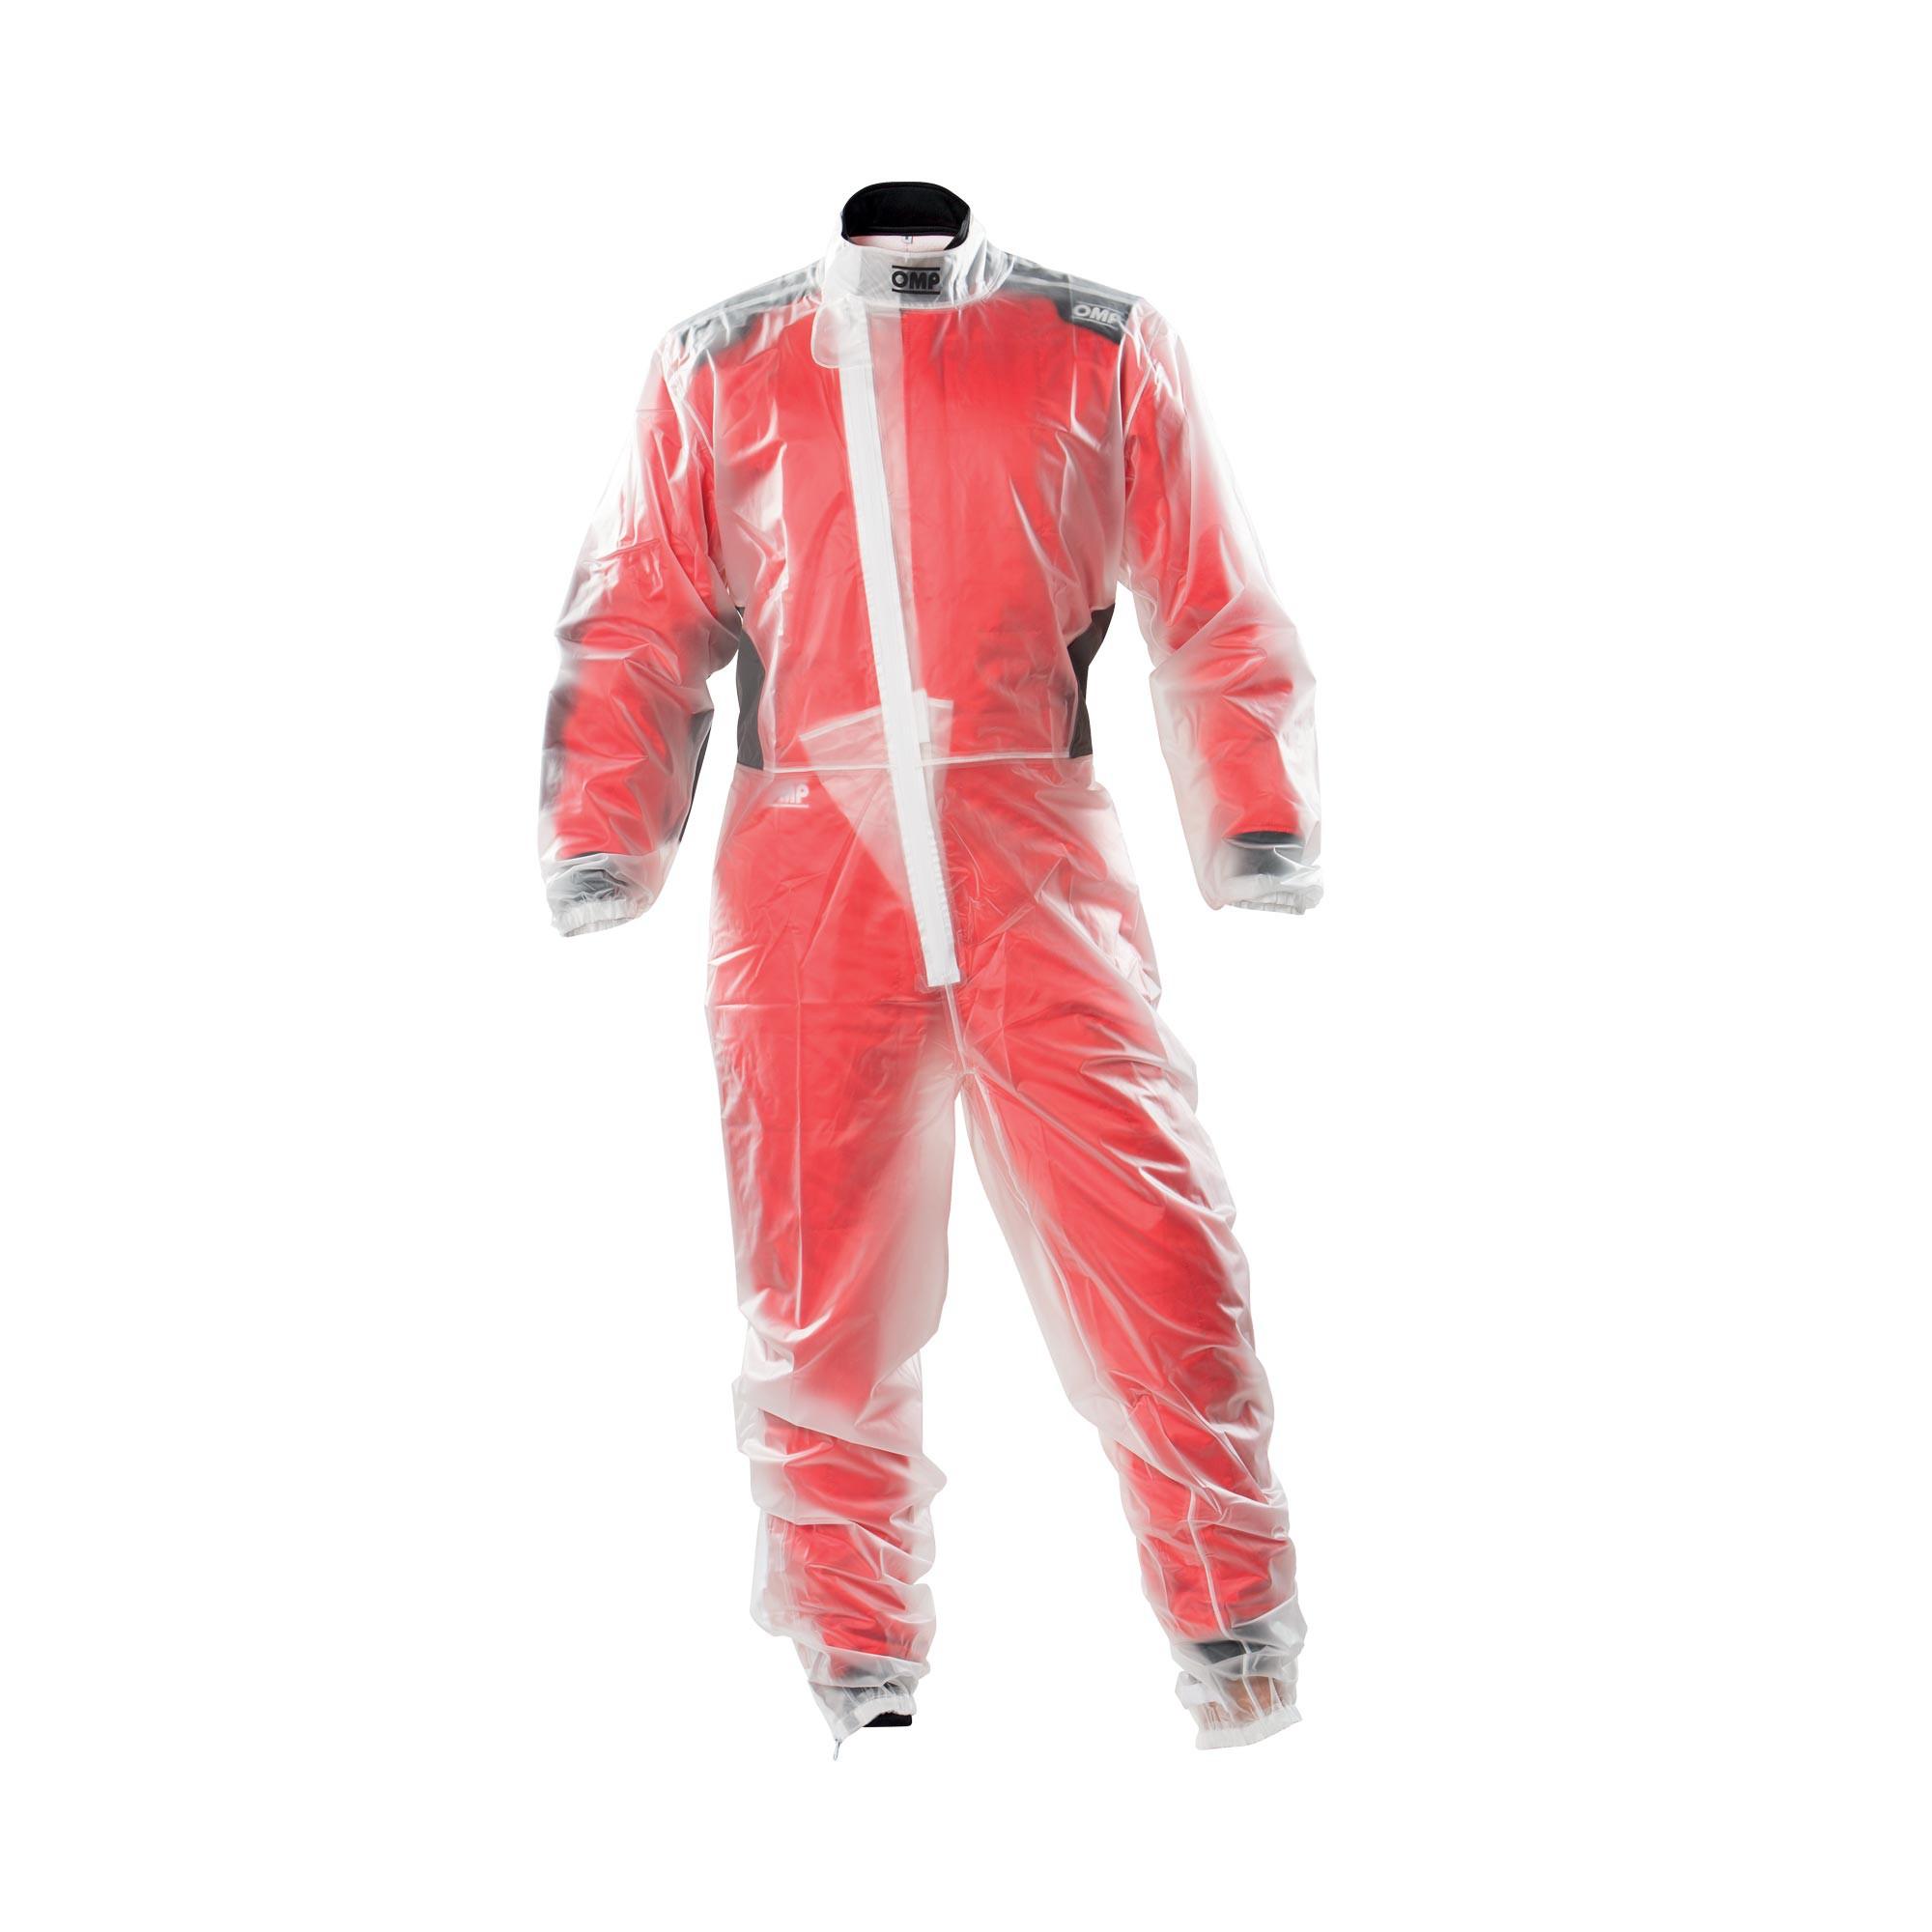 Rain-K Suit my2020 - Adult